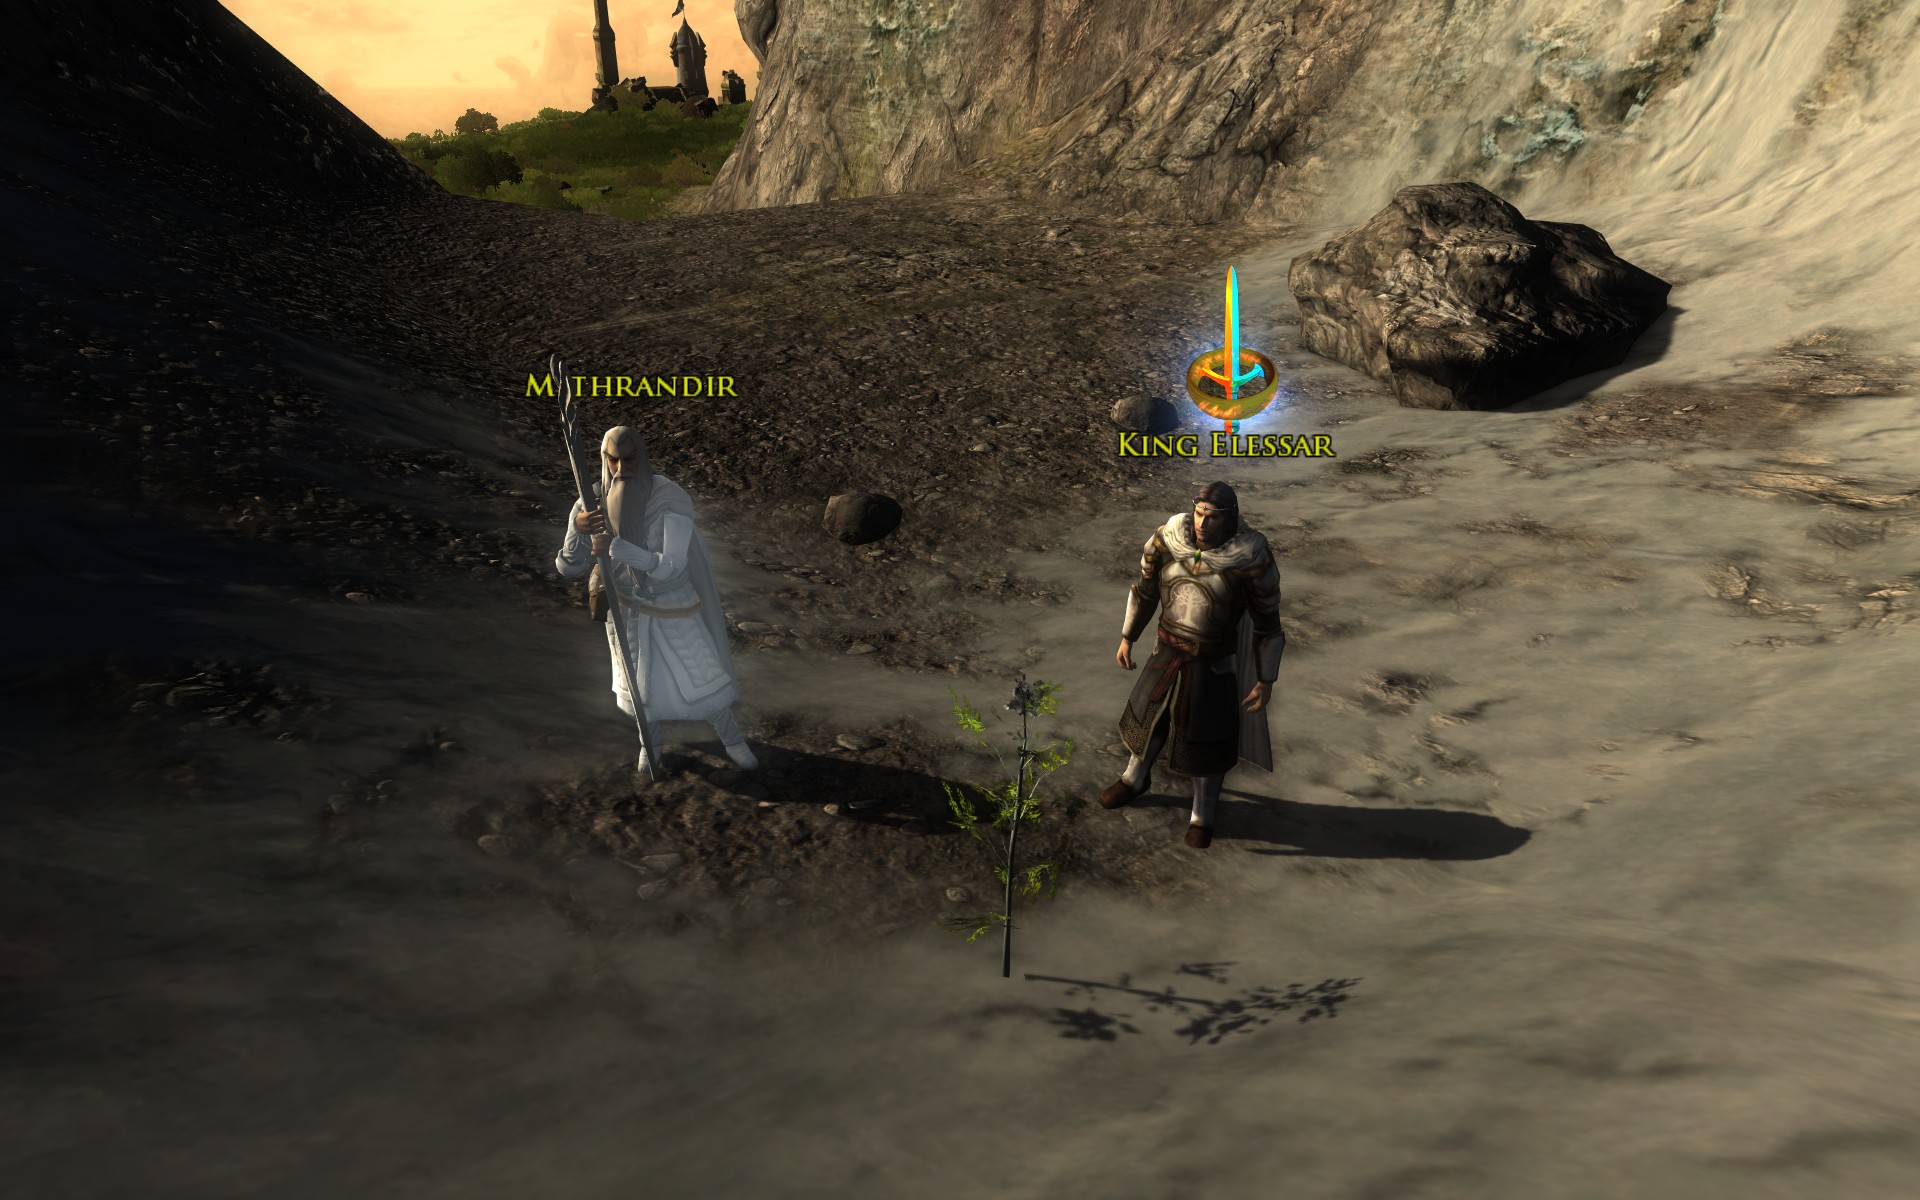 『ロード・オブ・ザ・リングス オンライン』における、エレスサール王が白の木の若木を発見する場面